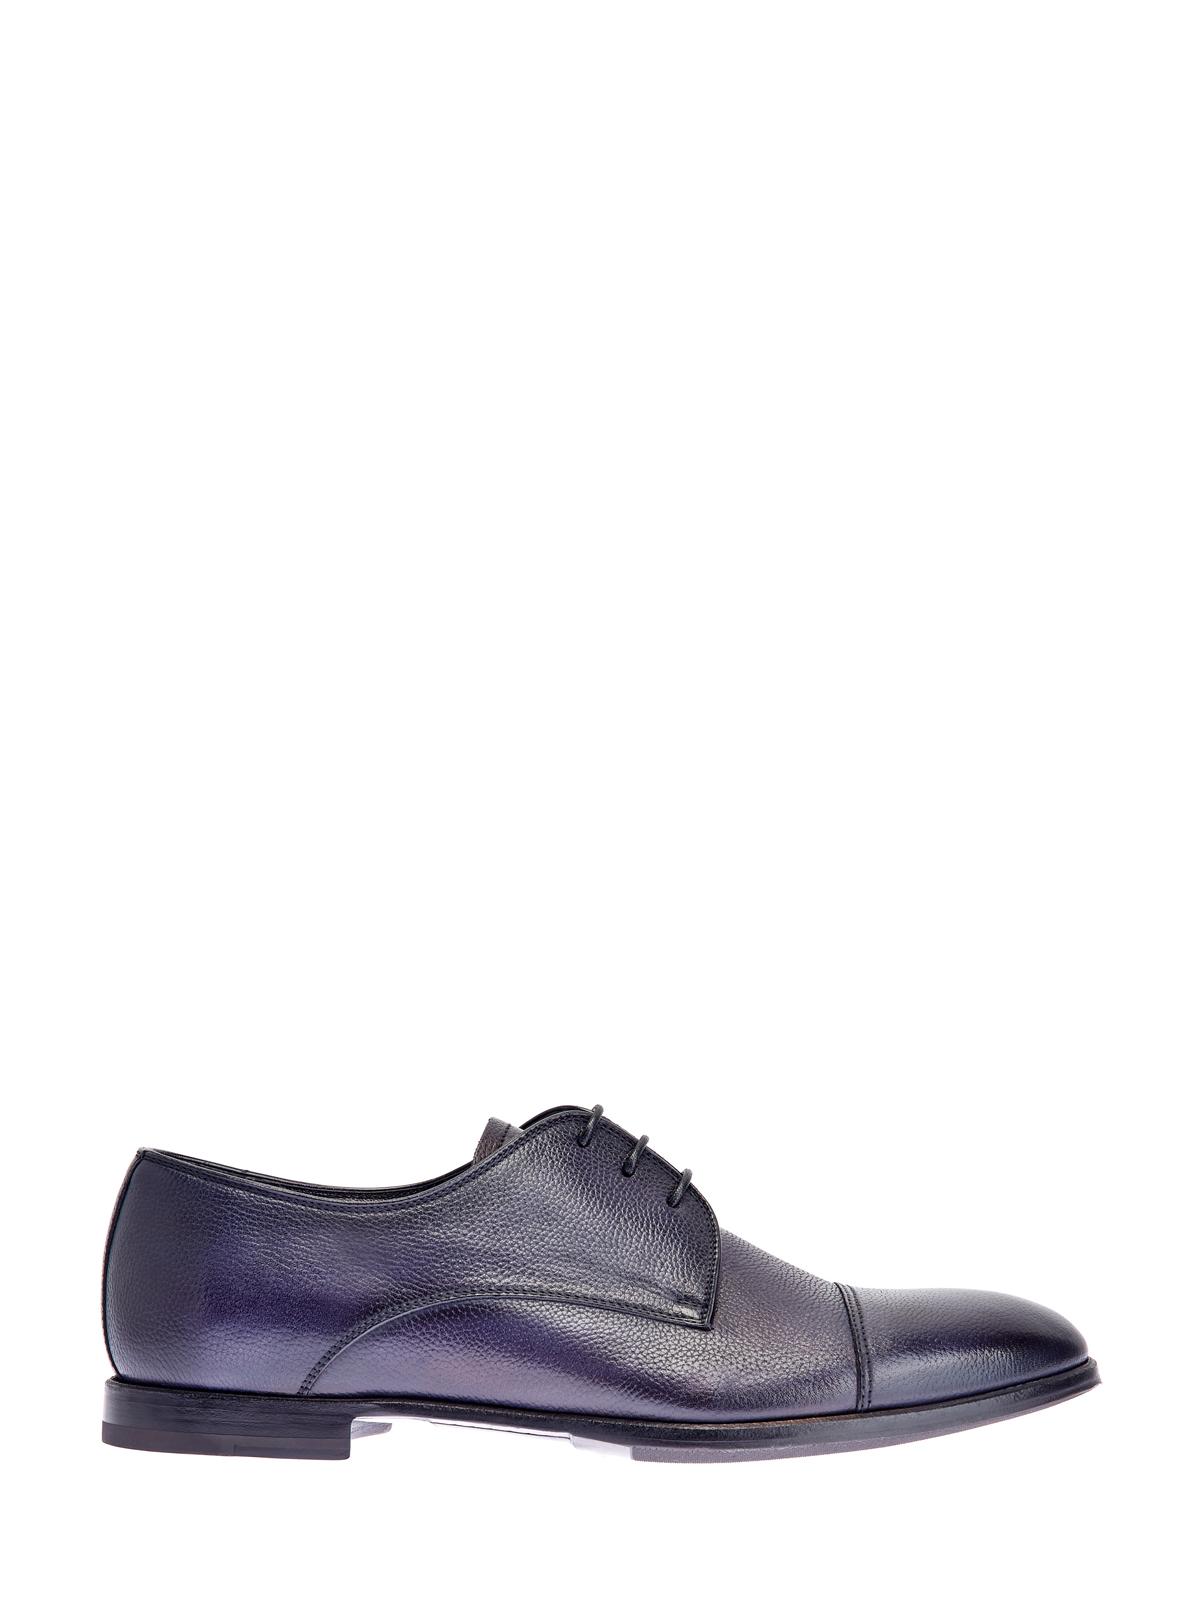 Кожаные туфли-дерби в классическом стиле